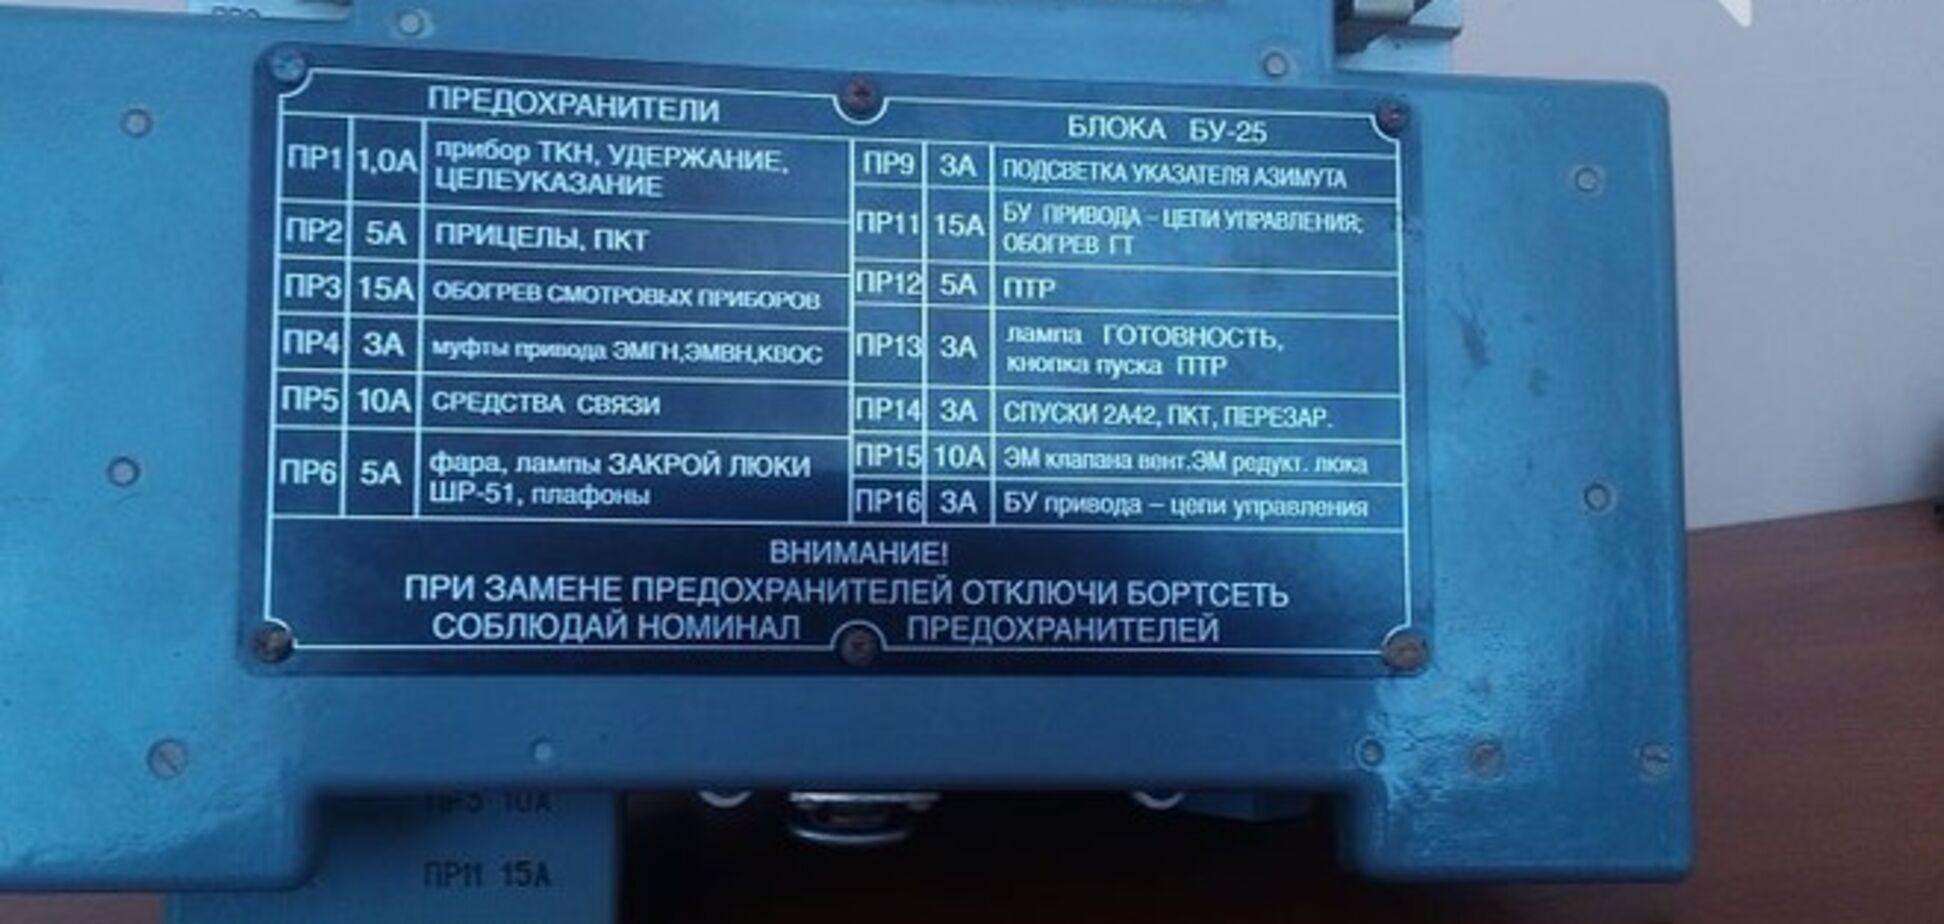 Харьковчанин пытался провезти в Украину установку для артиллерийской стрельбы